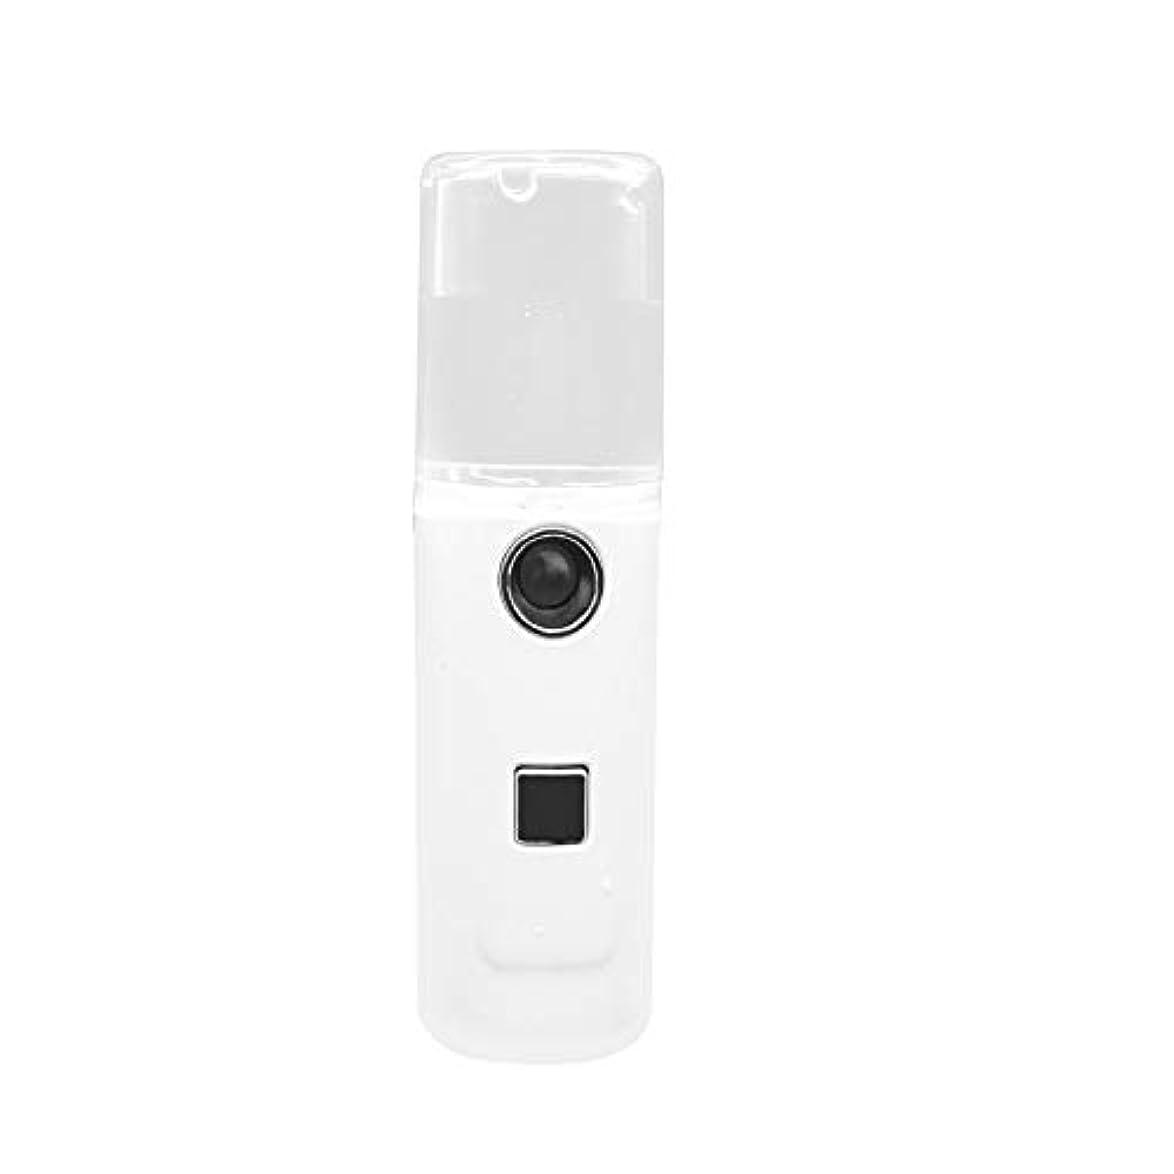 後退する喜劇熟考するZXF 新しいナノスプレー水分補給器具美容保湿器加湿器車の噴霧器usb充電宝物保湿剤ホワイト透明 滑らかである